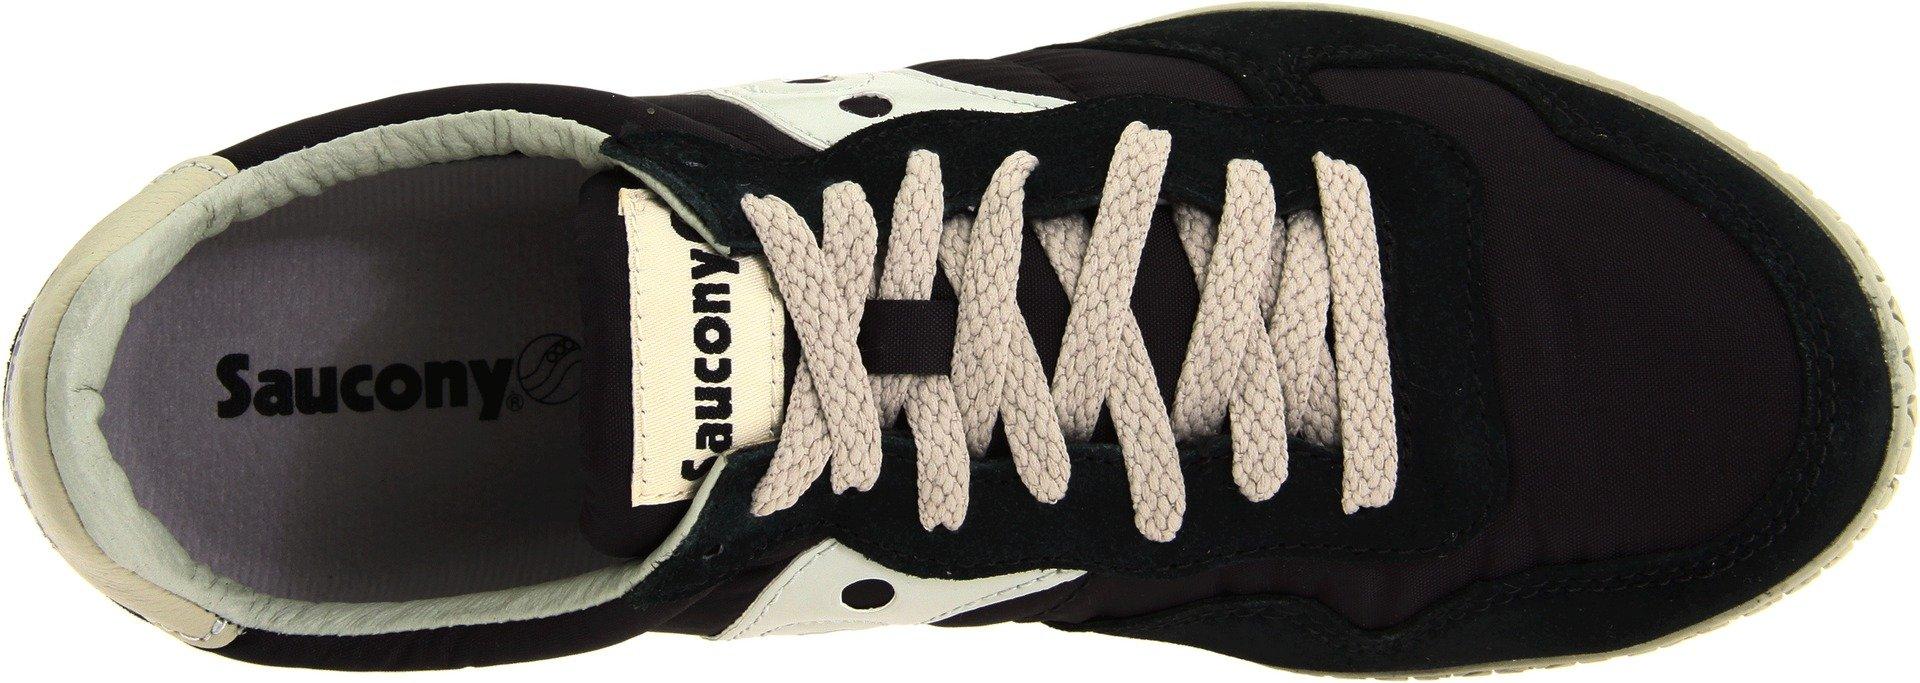 Saucony Originals Men's Bullet Classic Sneaker,Navy/Gray,11 M US by Saucony (Image #2)